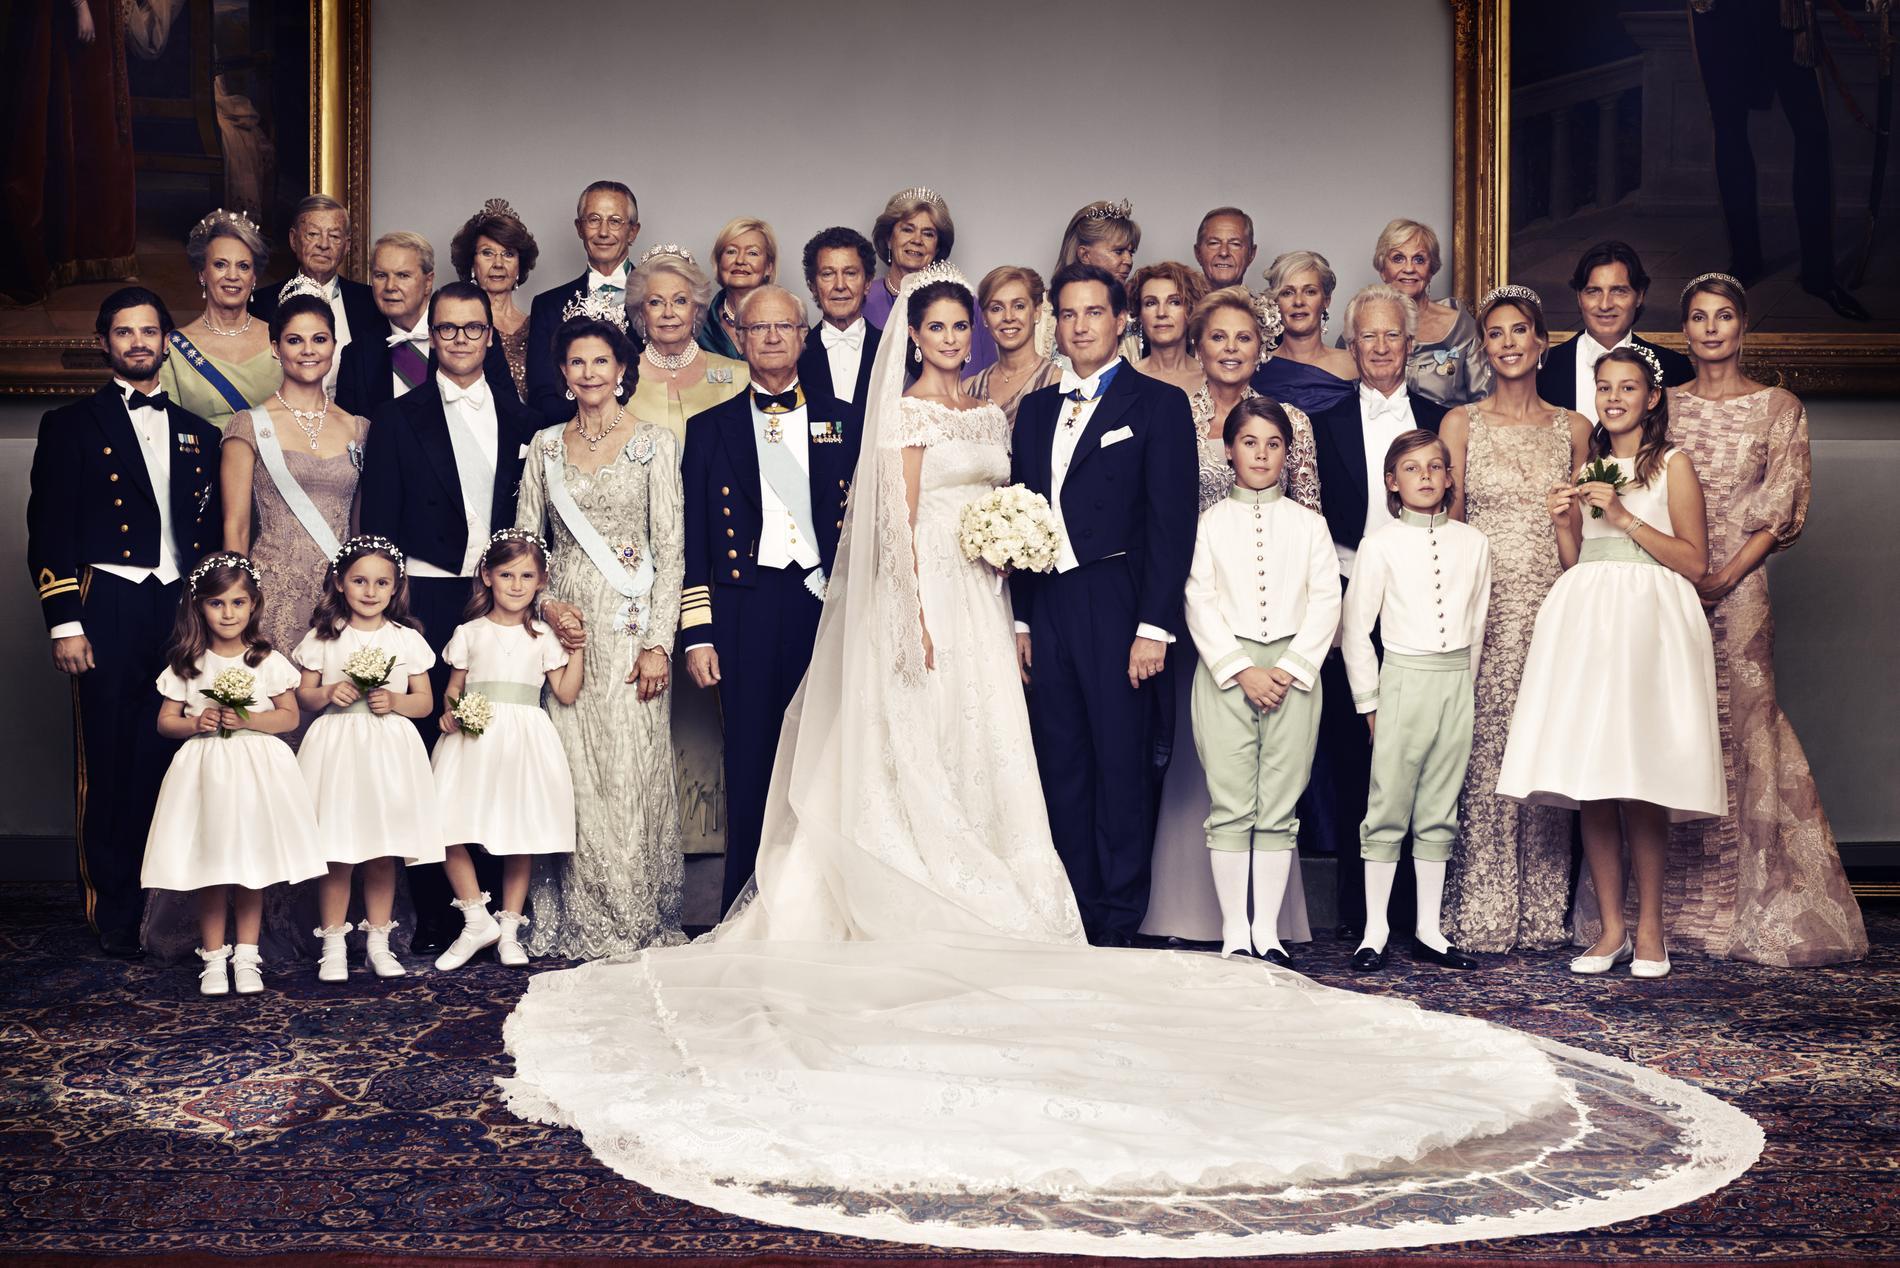 Famille Royale De Suède : Retour Sur La Dynastie Des